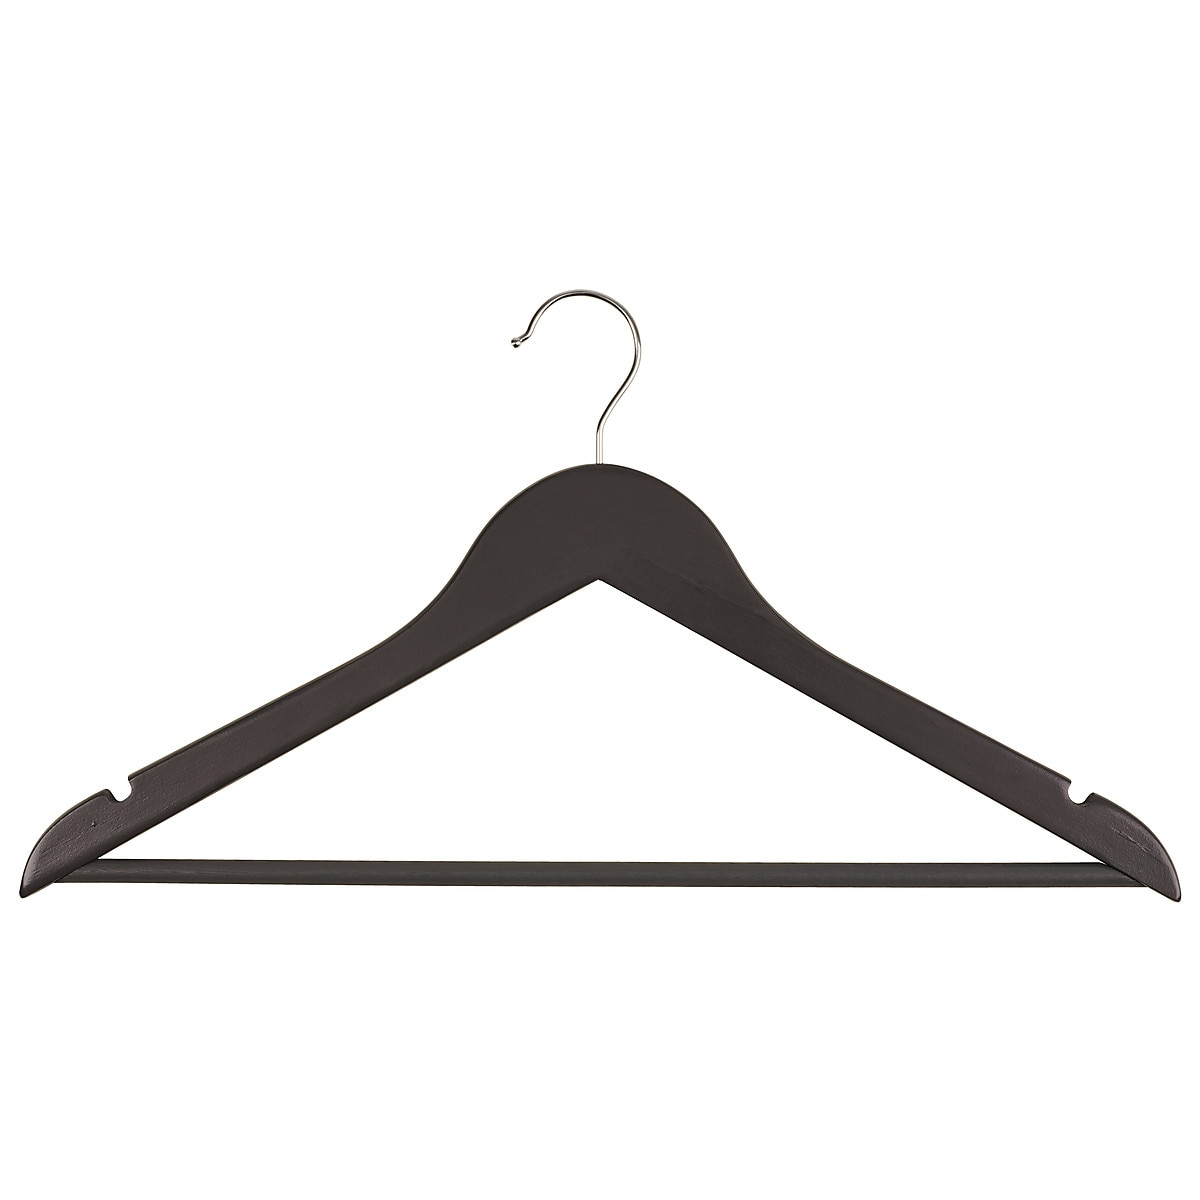 Coat Hangers, 8-pack